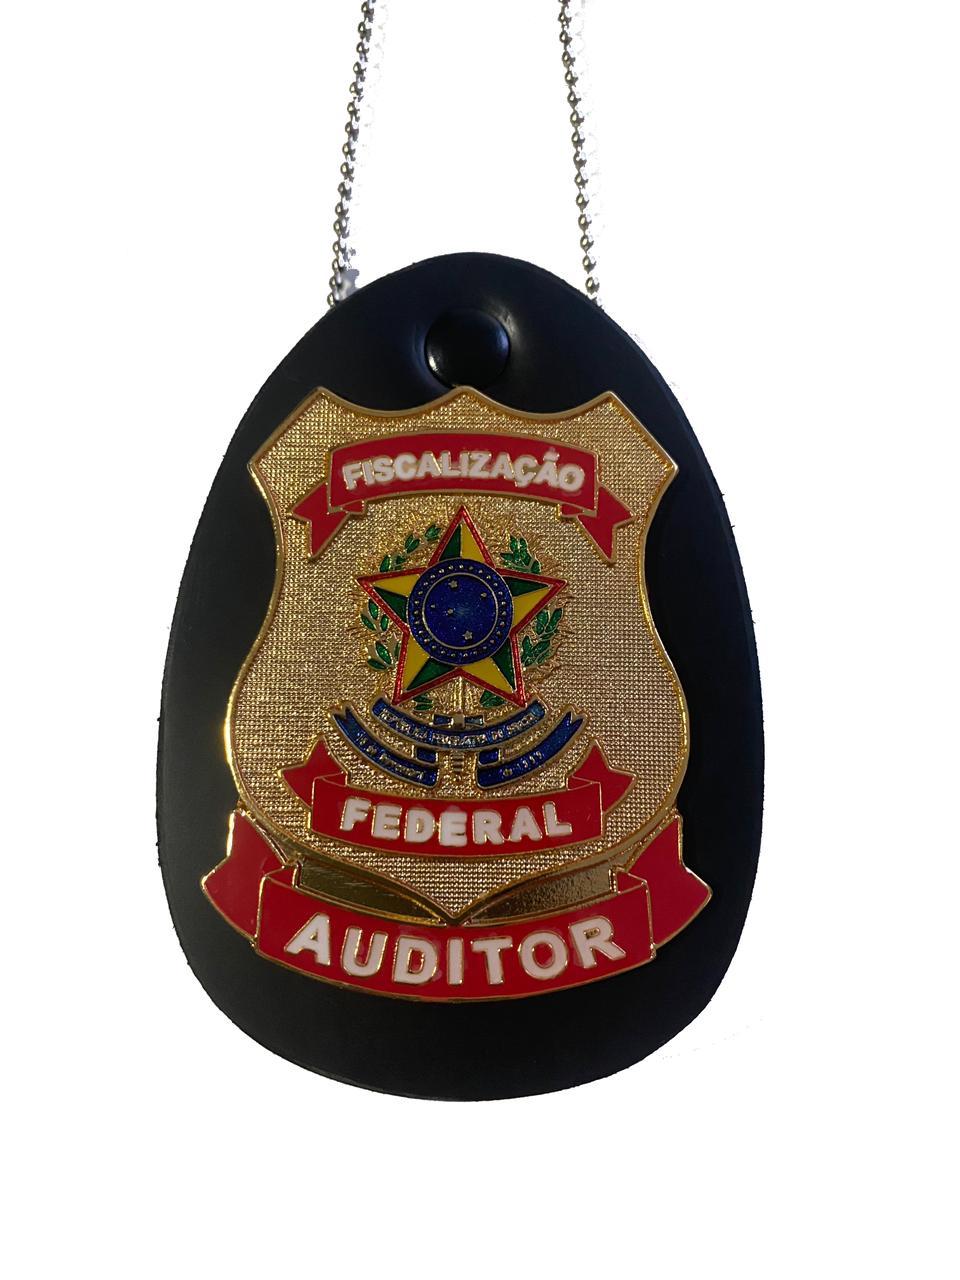 FISCALIZAÇÃO FEDERAL AUDITOR